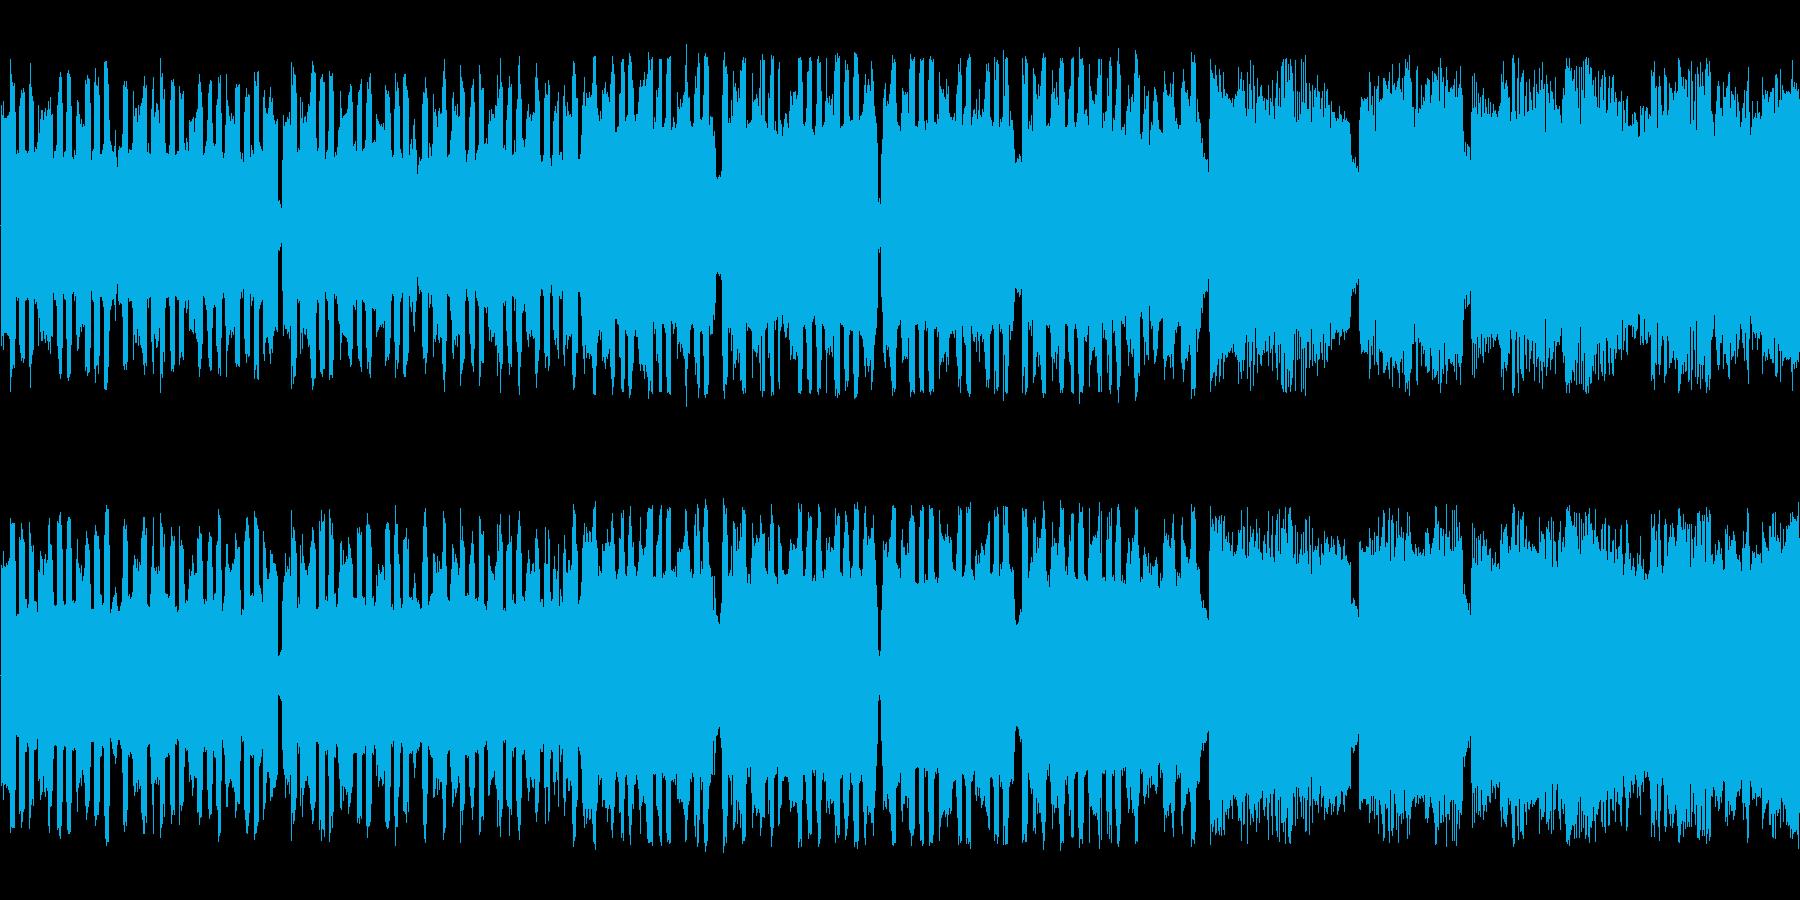 のんびり軽快なチップチューンサウンドの再生済みの波形